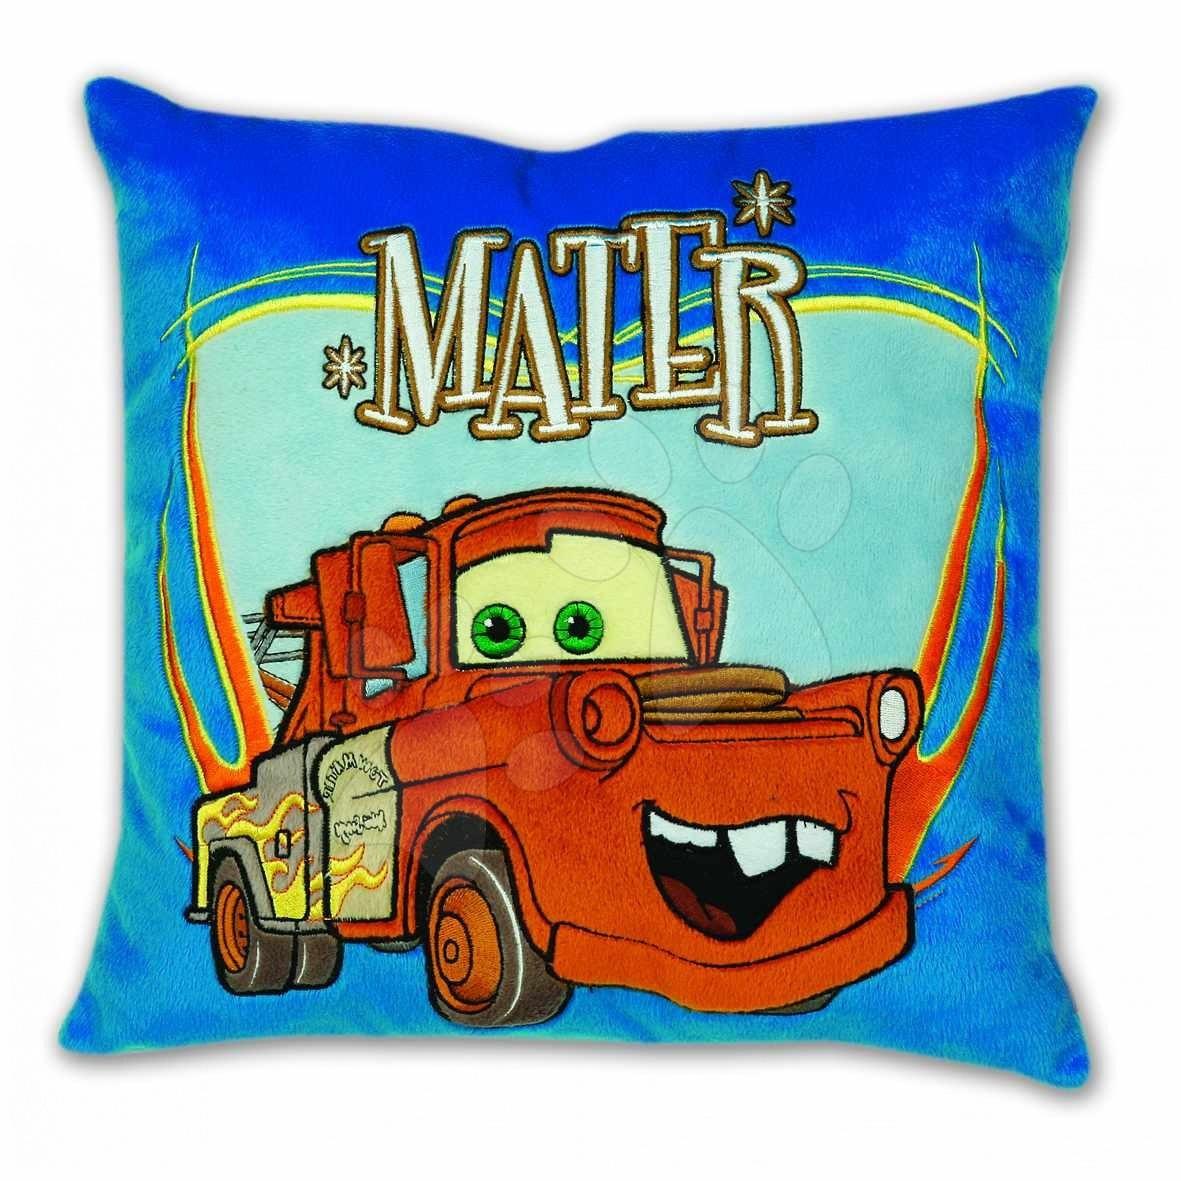 Dětský polštář WD Auta Tow Mater Ilanit 36*36 cm